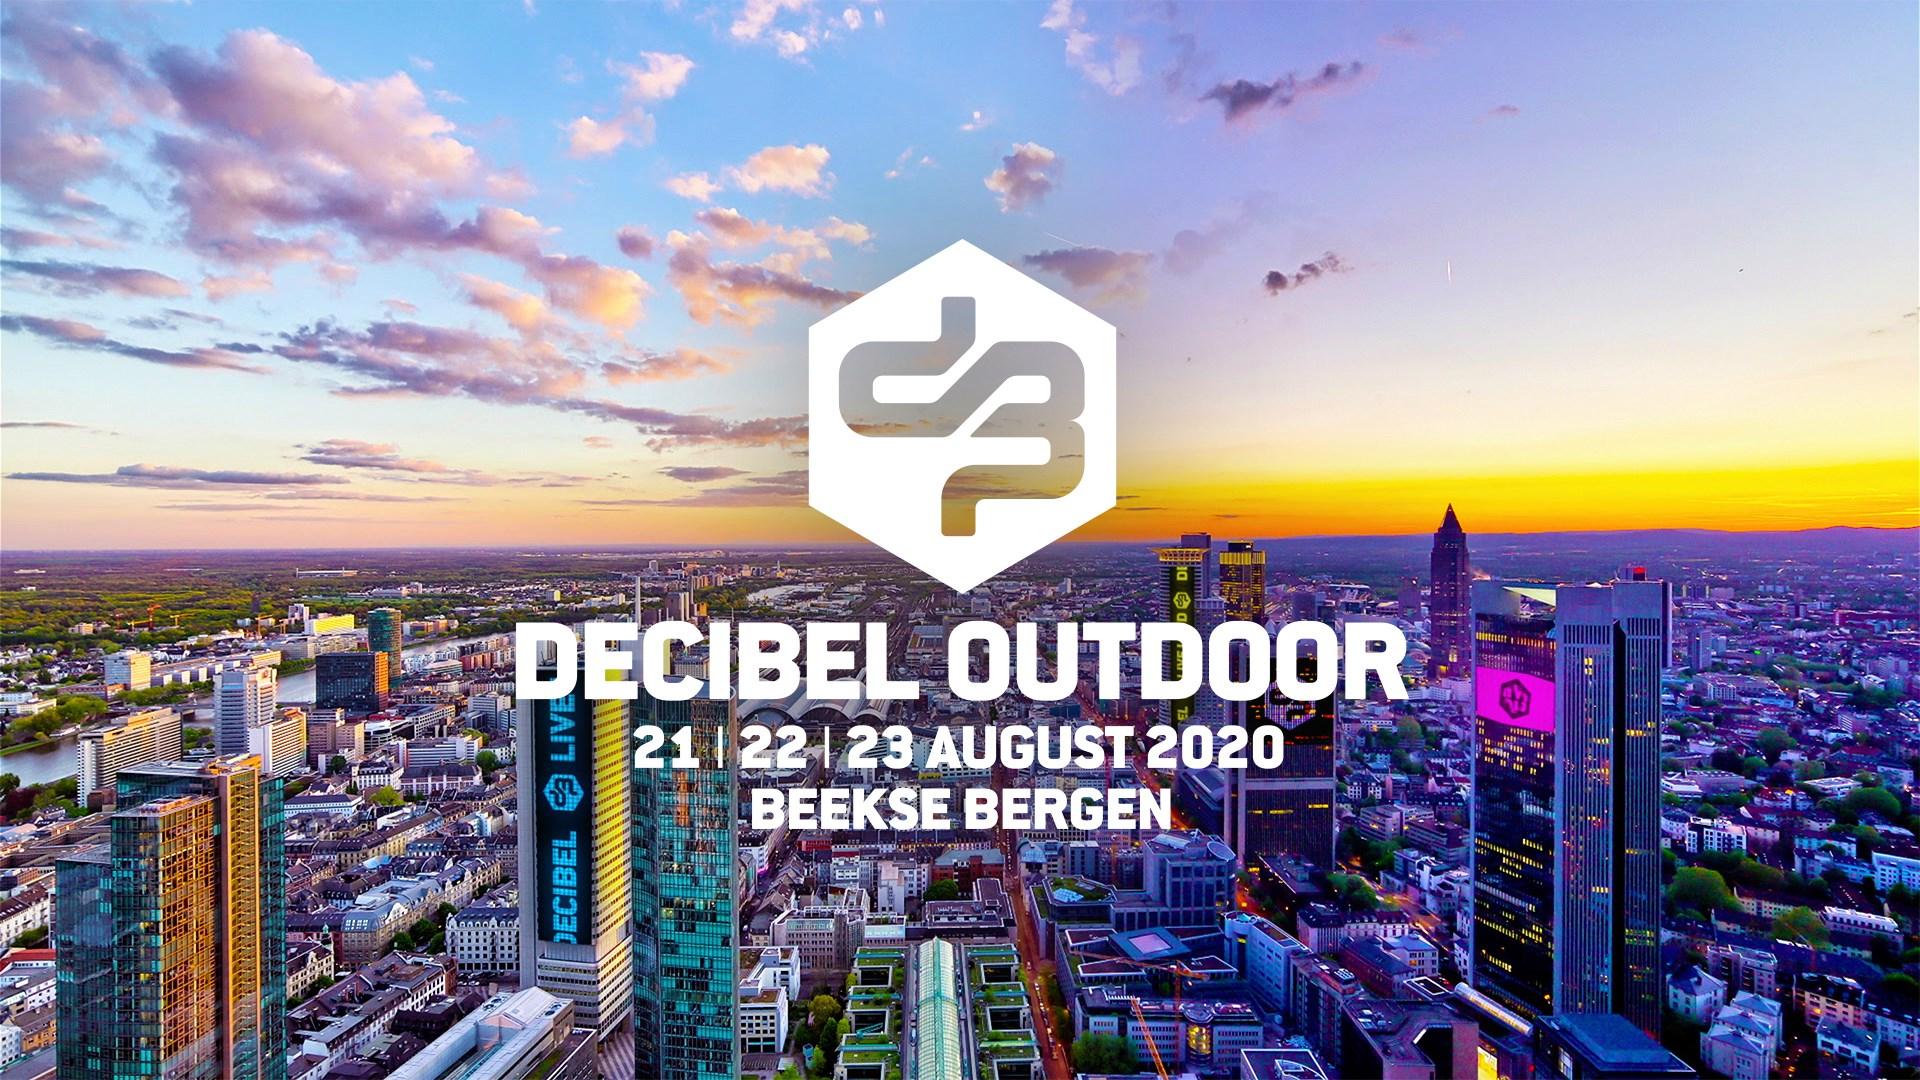 Decibel Outdoor 2020